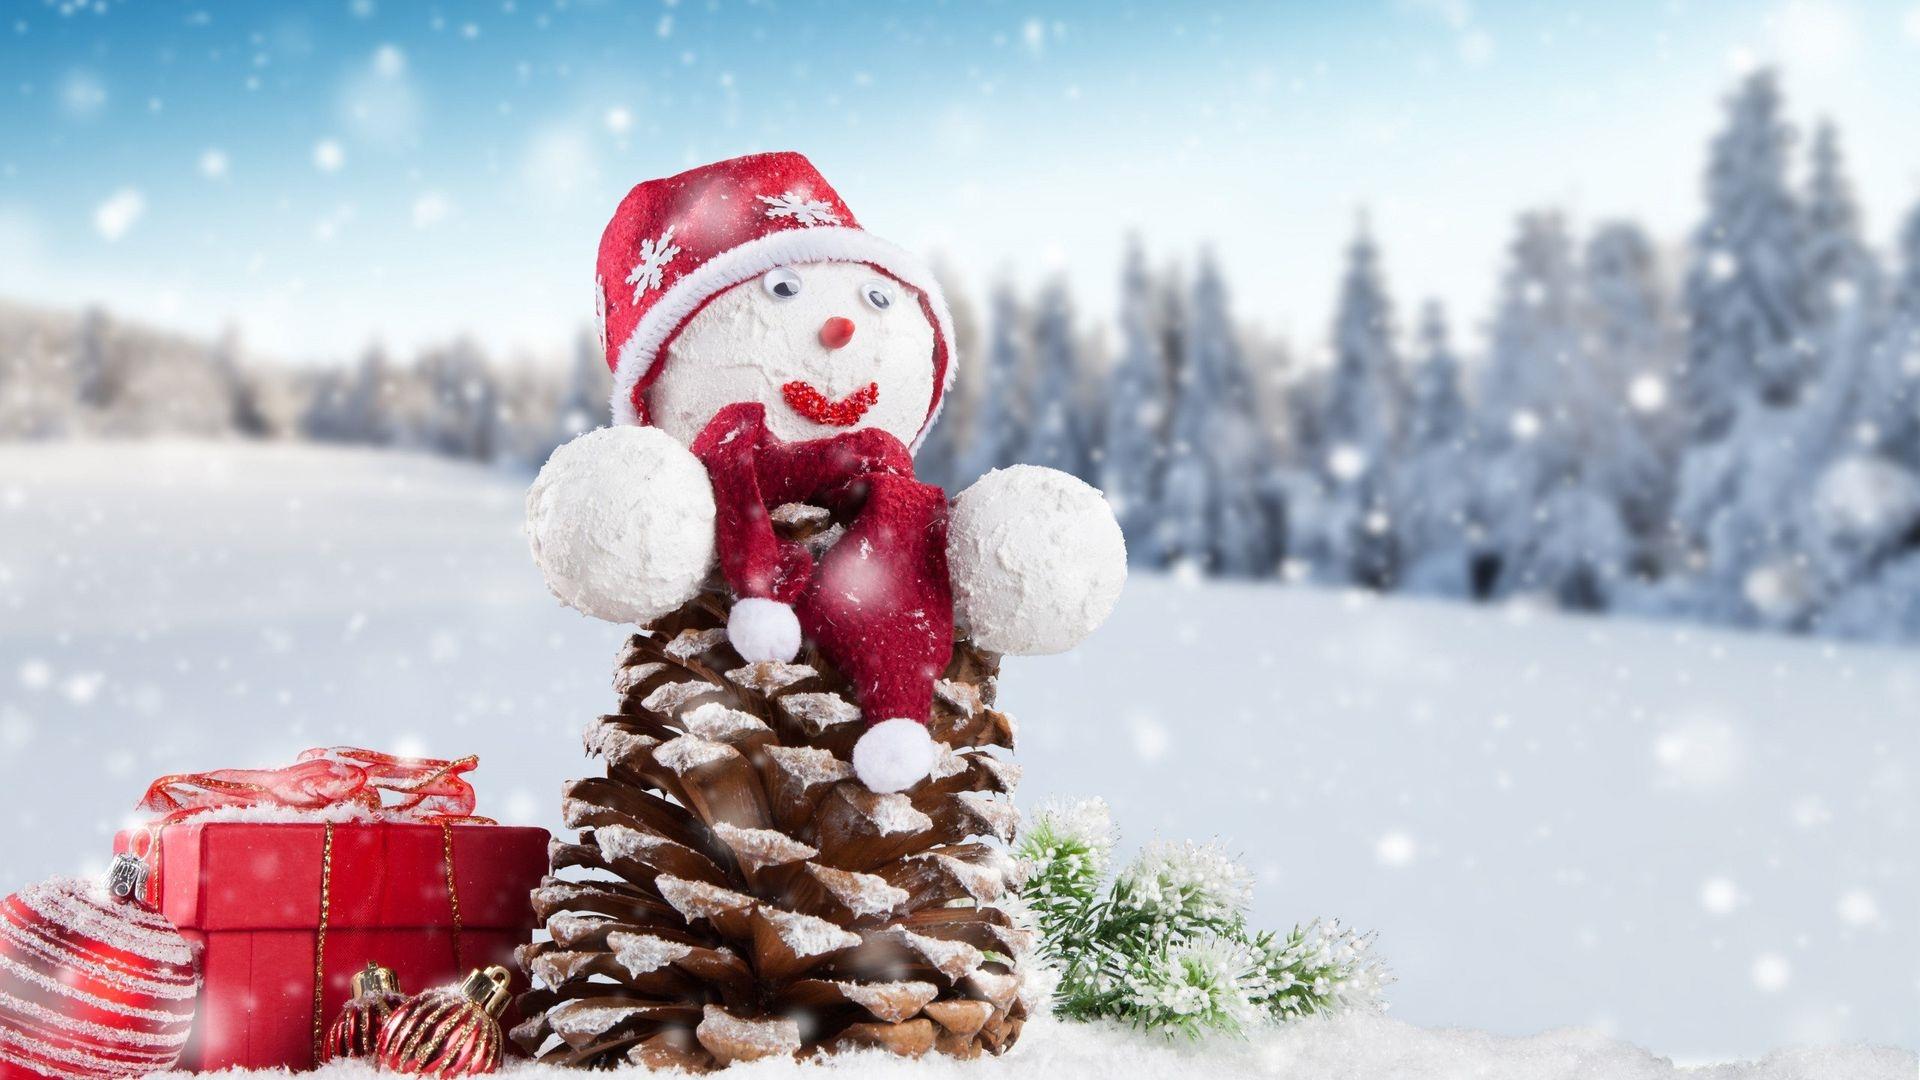 Обои на рабочий стол зима и новый год (11)